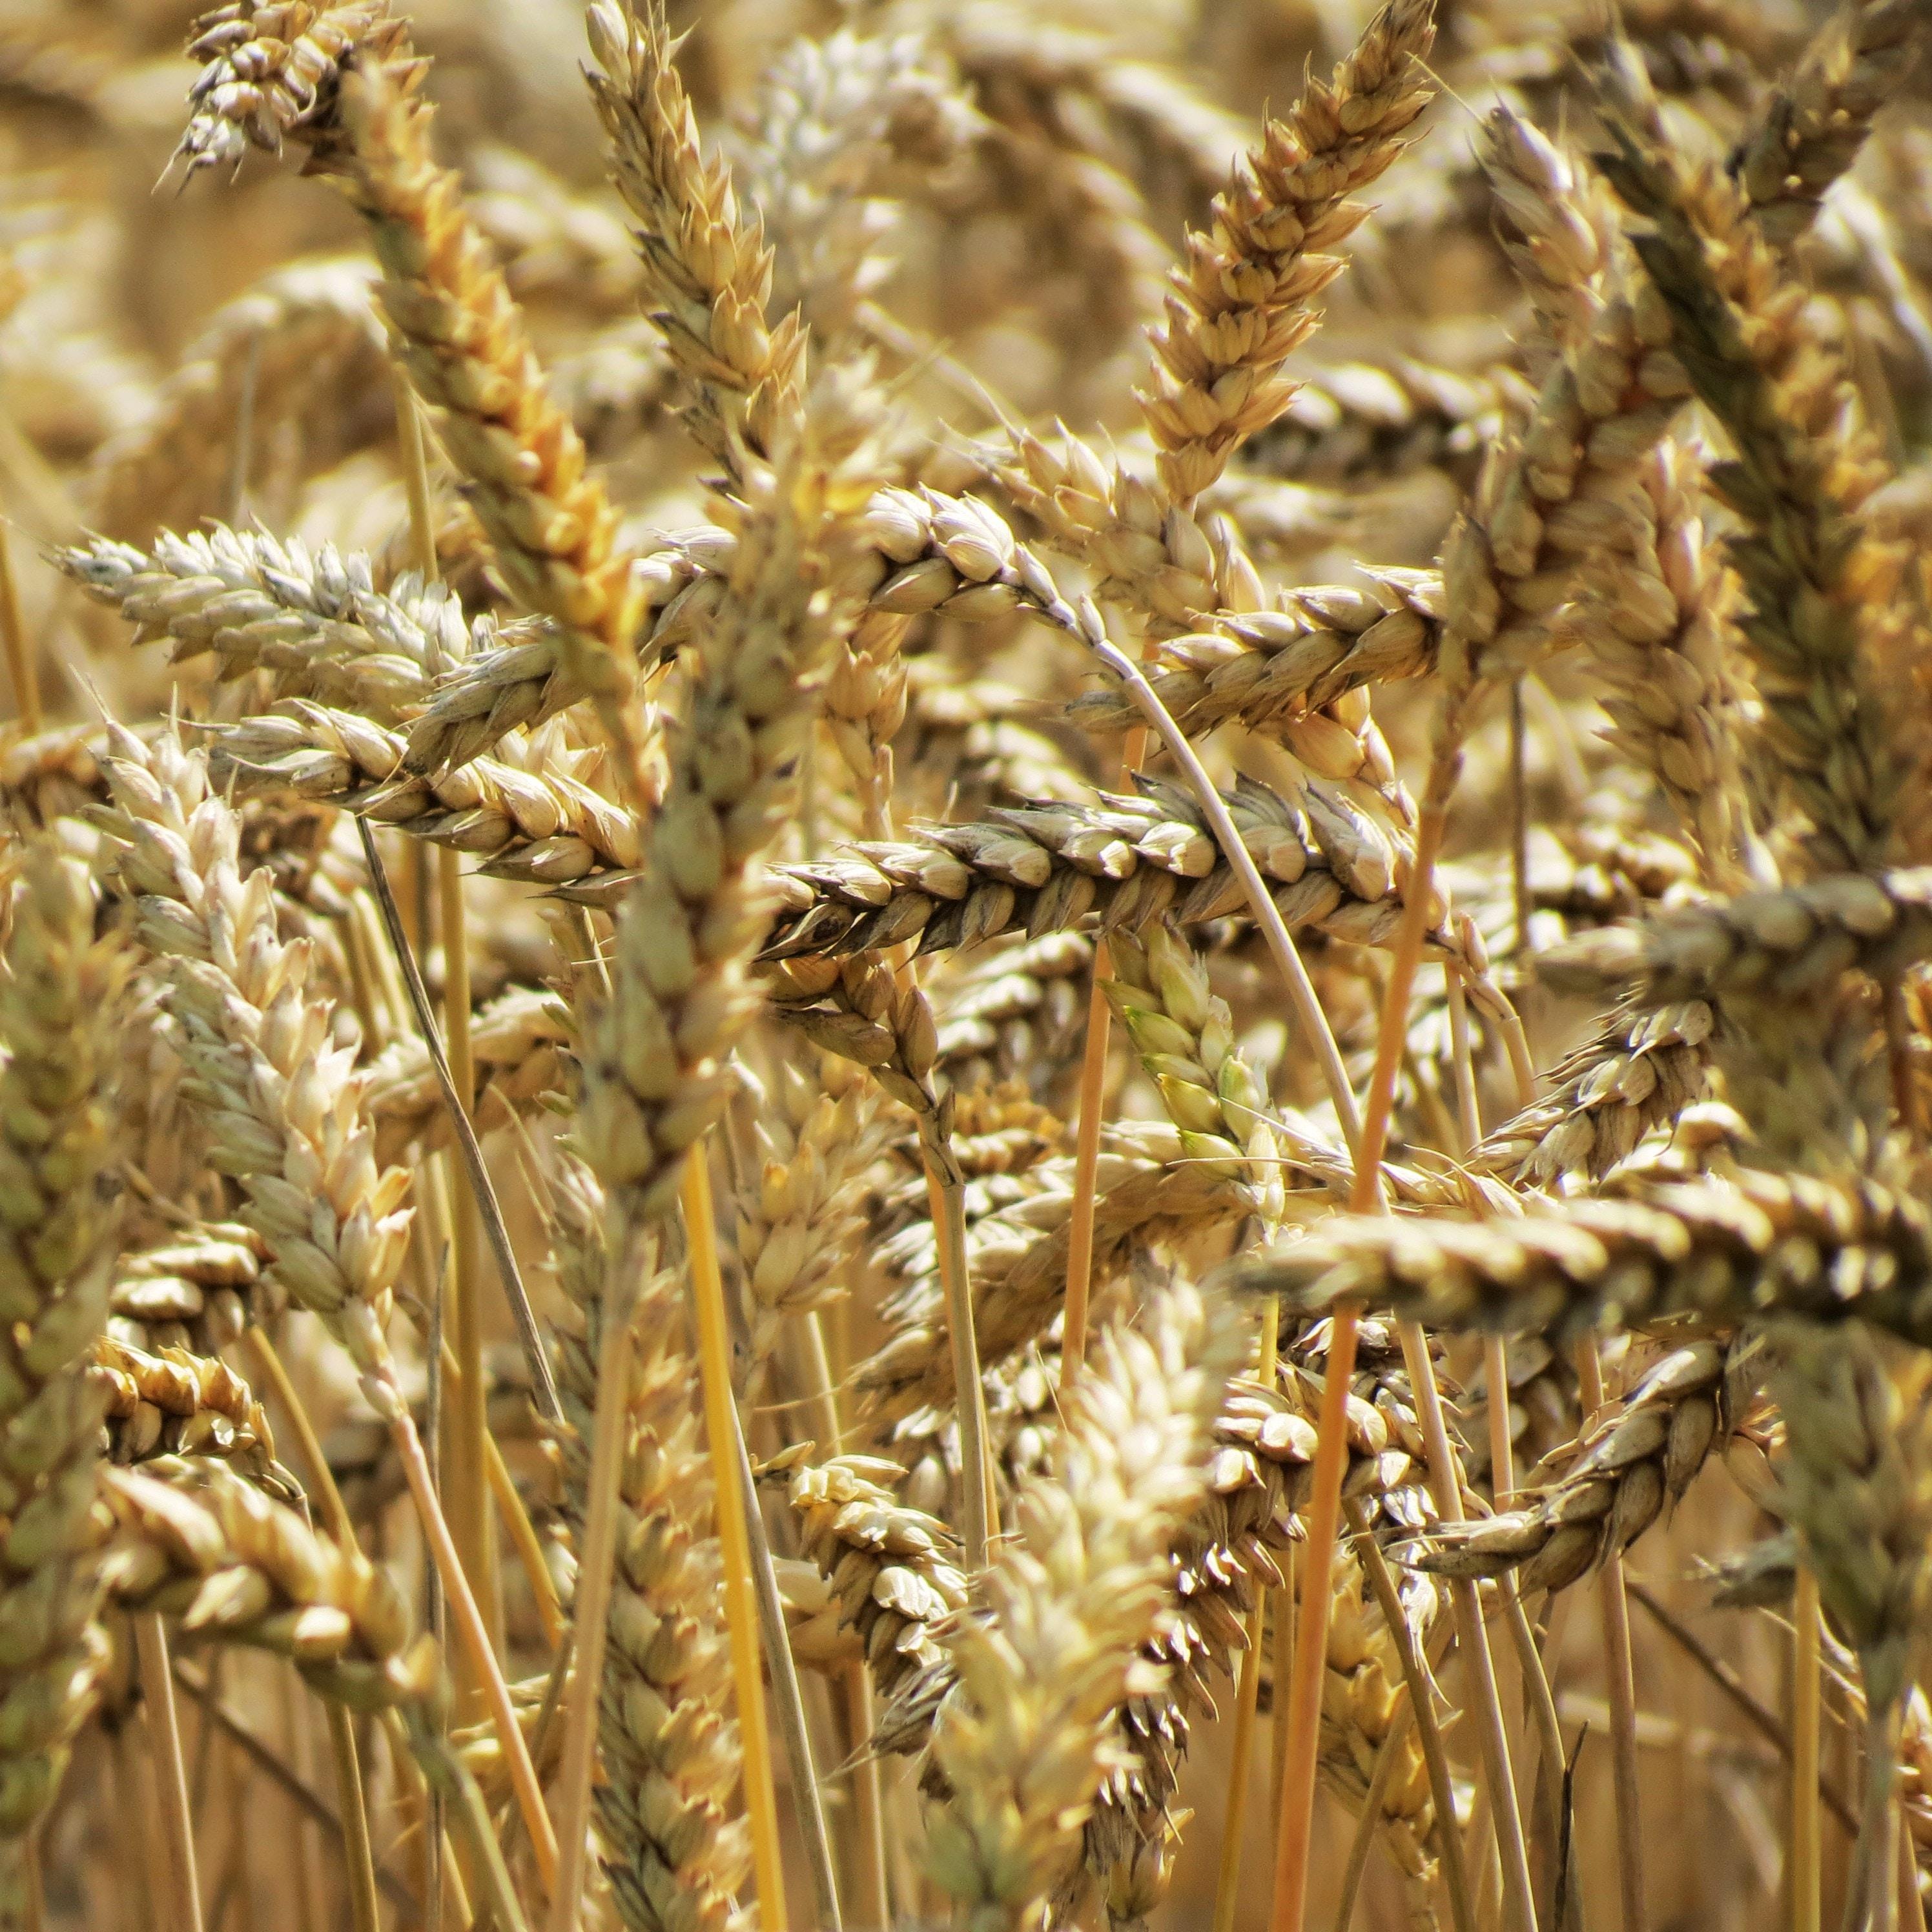 Barley in the sun